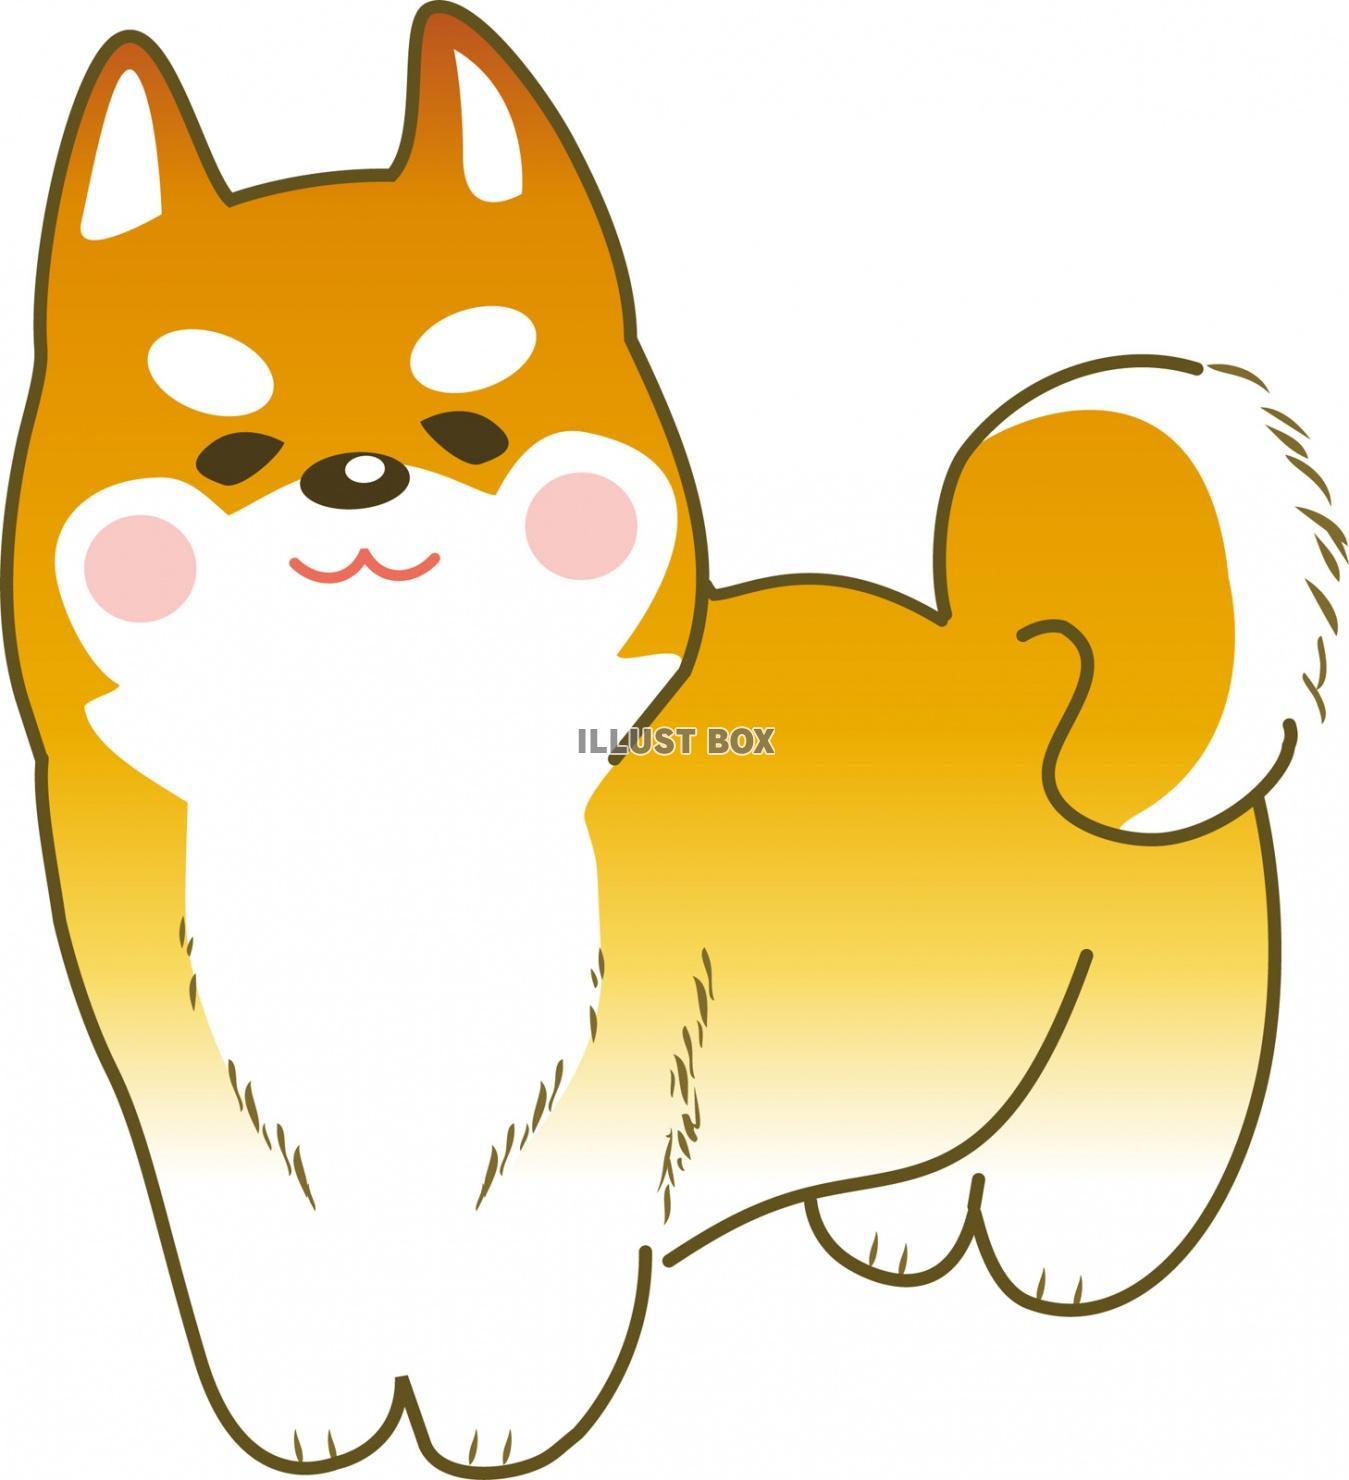 無料イラスト 年賀状素材犬 正月 干支 戌年 お年賀 冬 お正月 戌 謹賀